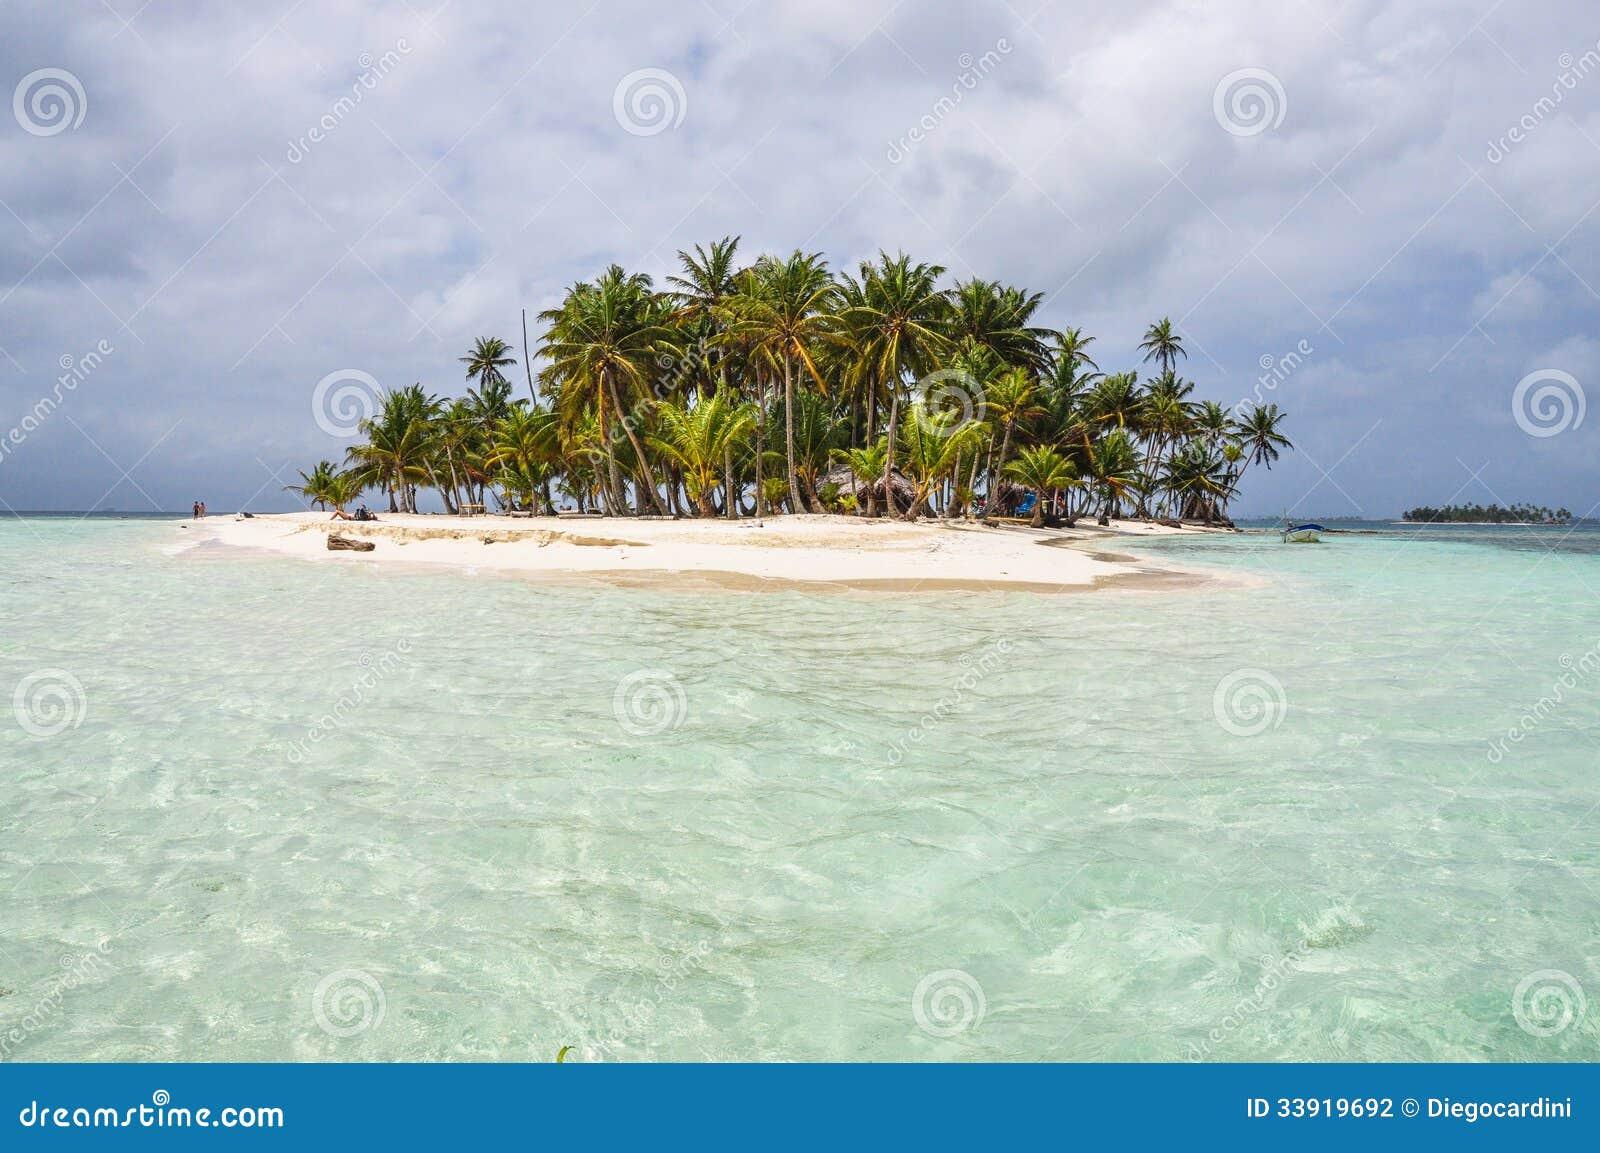 Haarscharfes Wasser in perfekter karibischer Insel. San Blas, Panama. Mittelamerika.